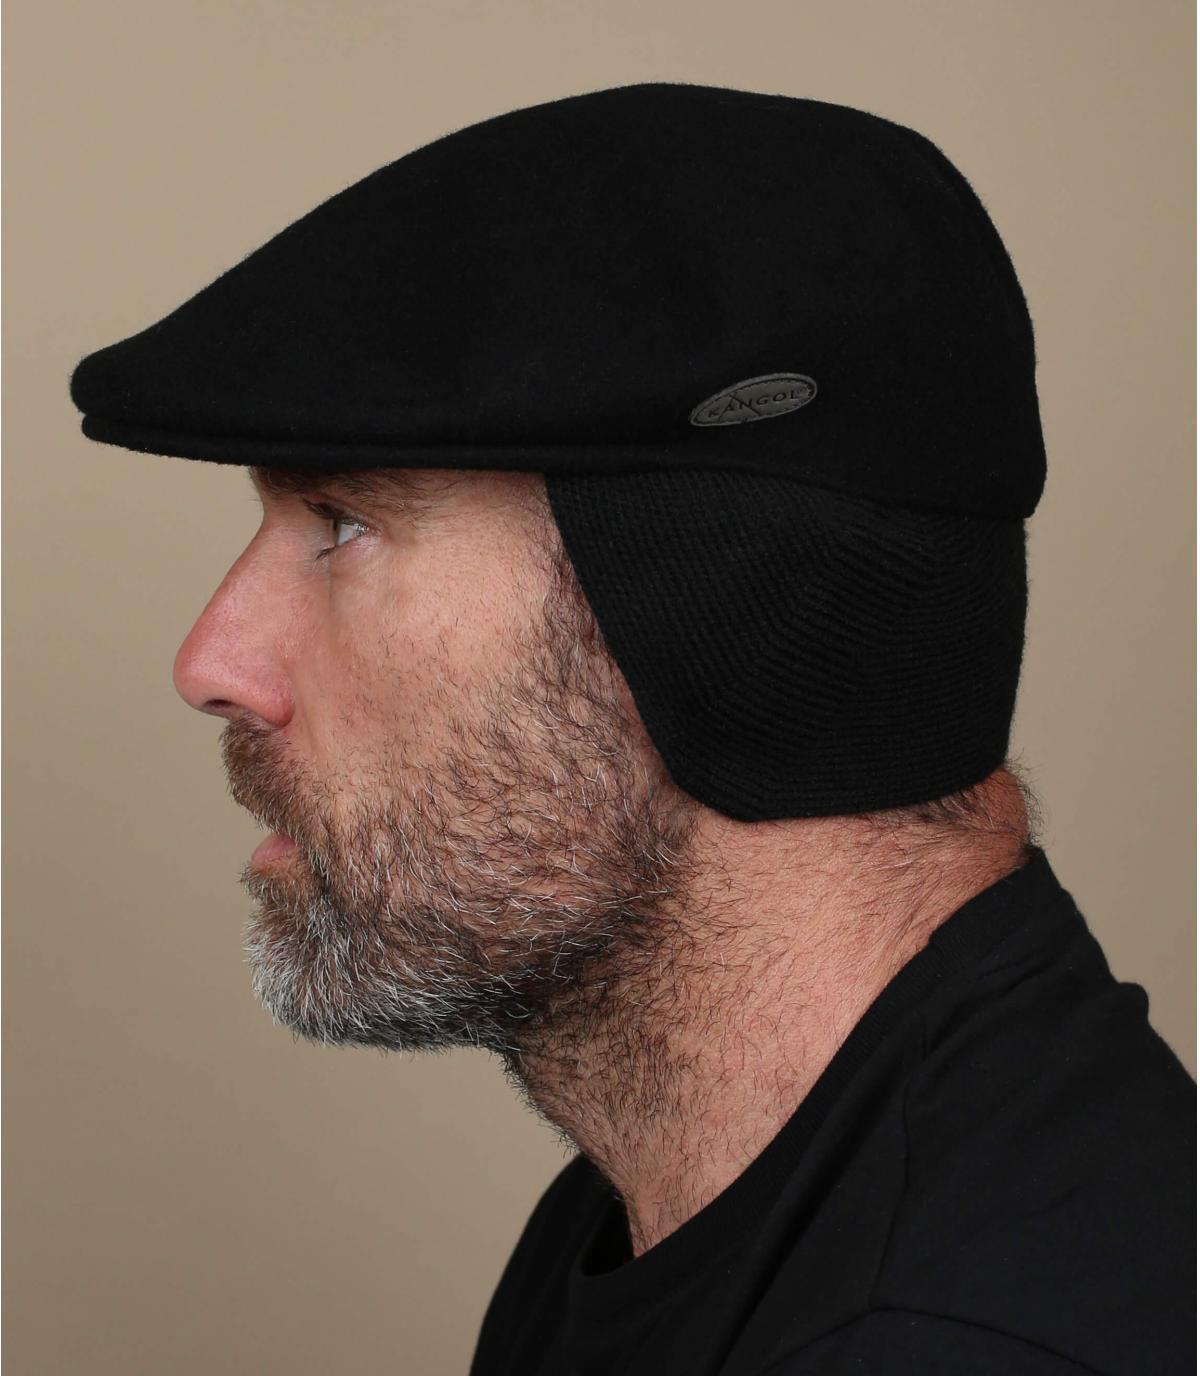 Gorro - Compra venta de Gorros. Primera sombrerería en línea ... c7cddb810c5